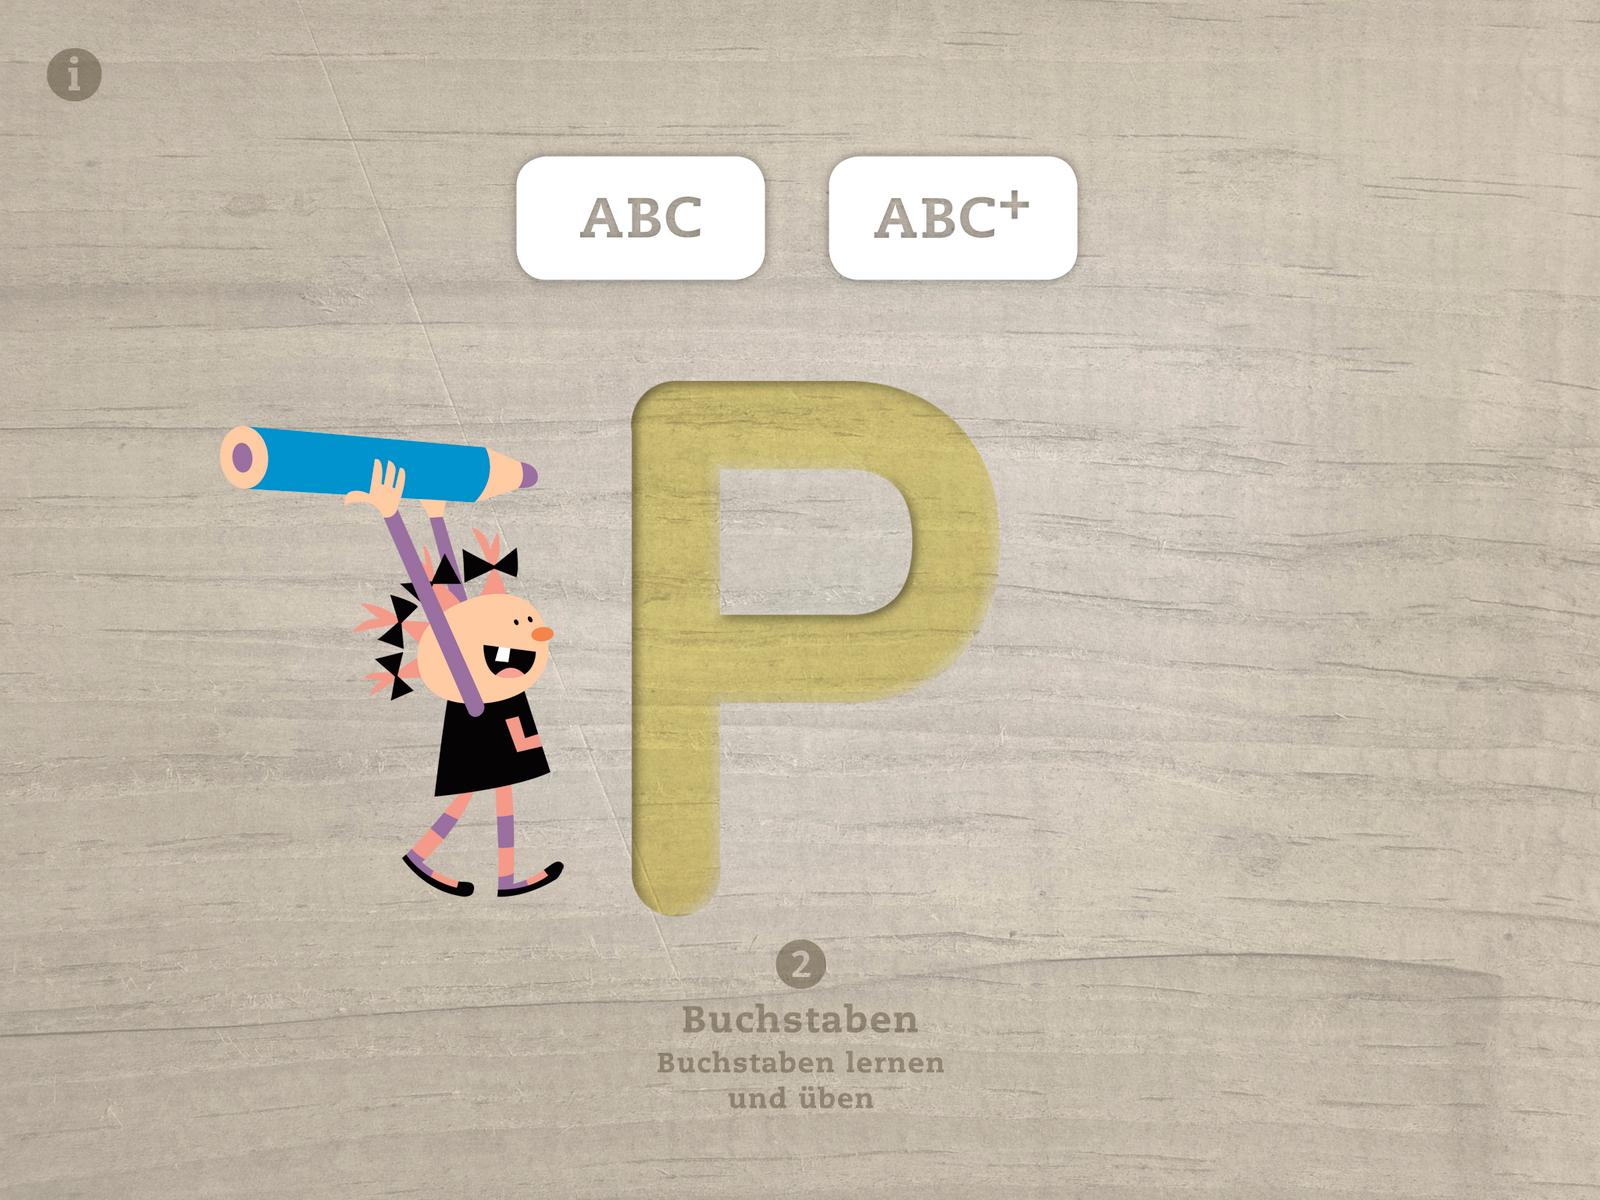 LilaLolle_ABC_ABCplus